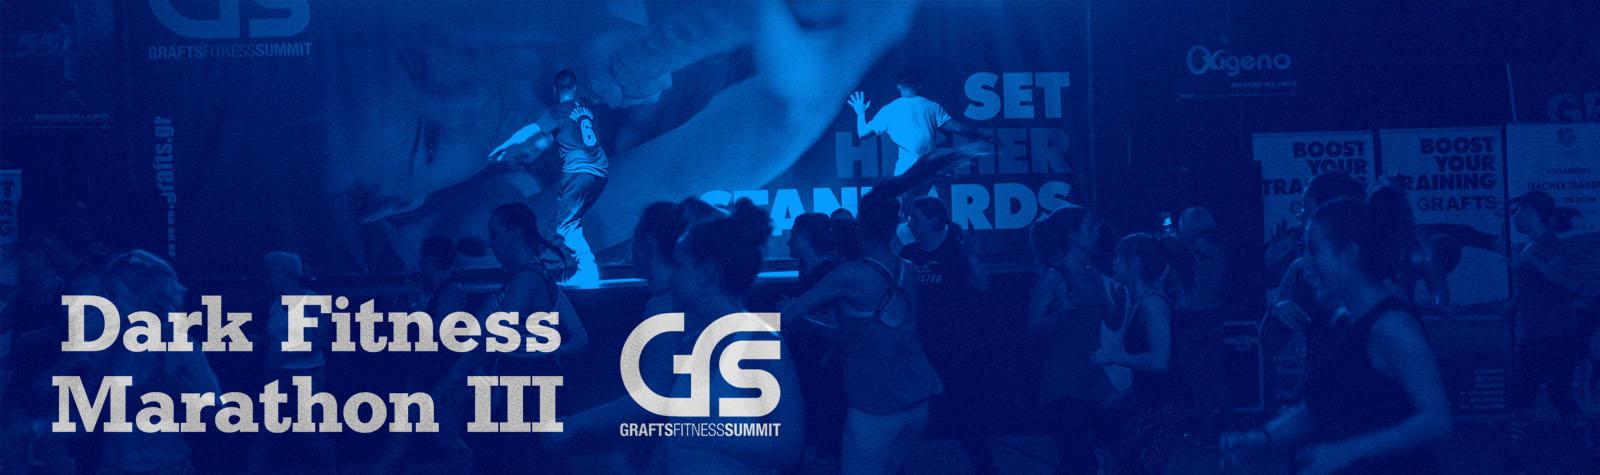 7th GFS 2019 - Dark Fitness Marathon III banner